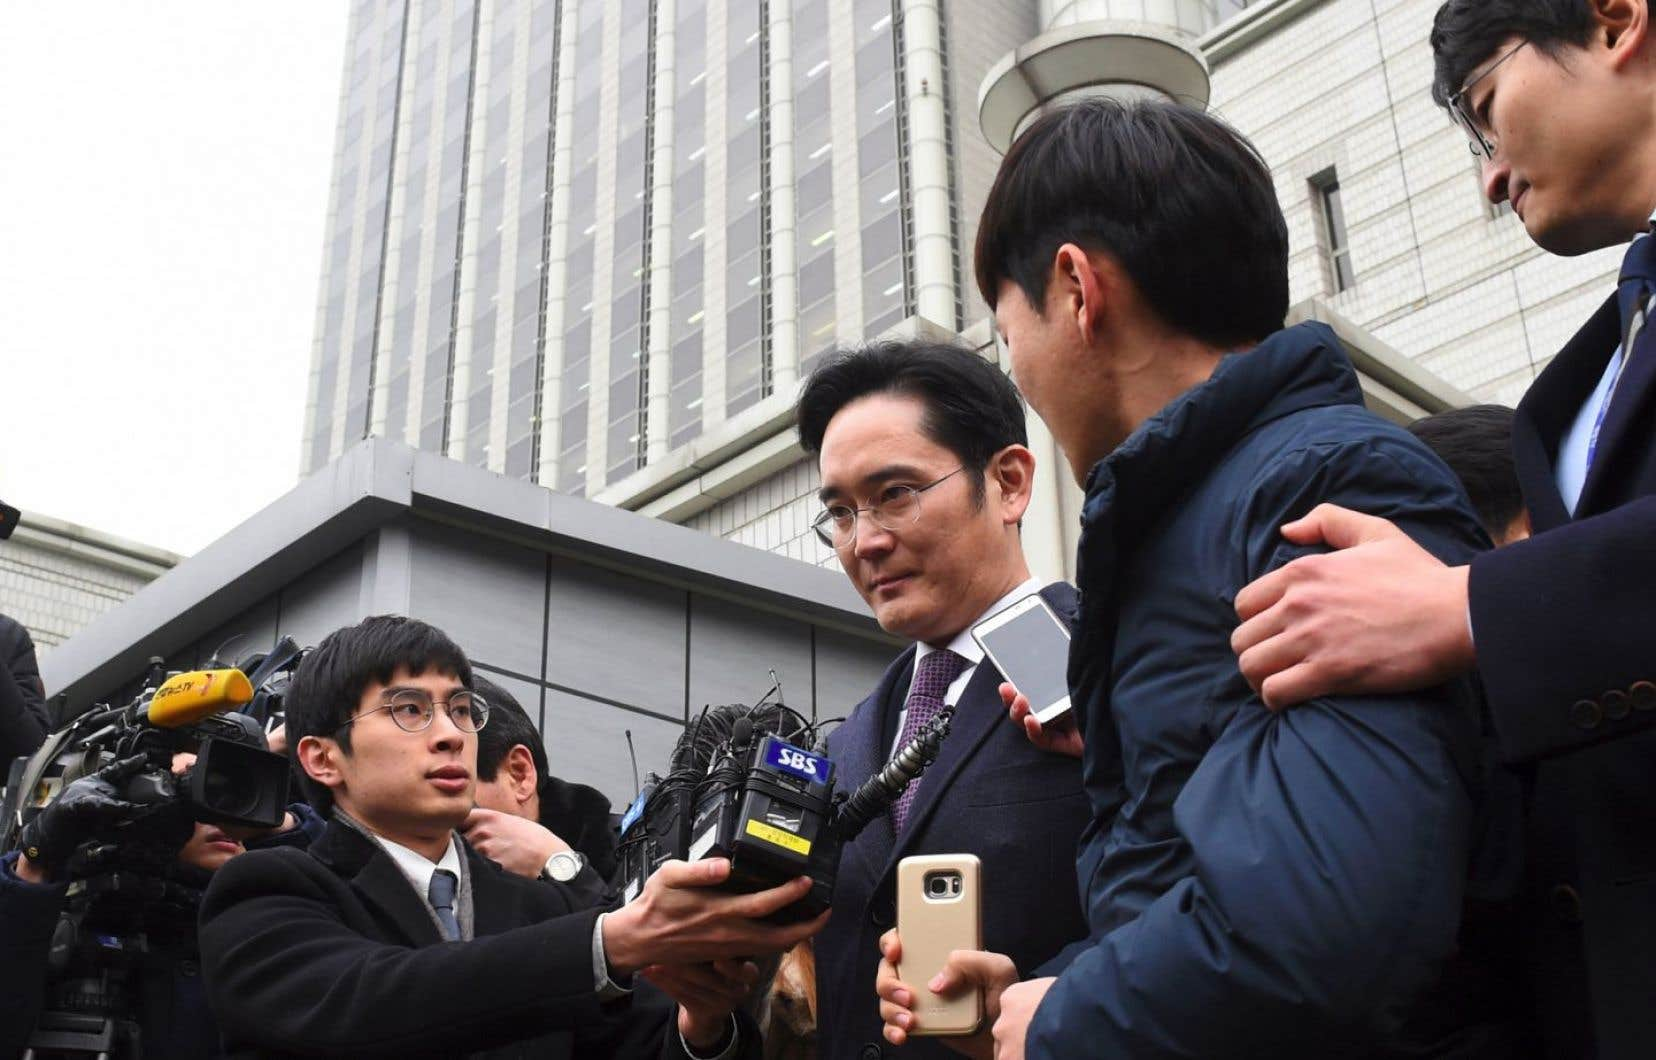 Lee Jae-yong et quatre autres cadres dirigeants de Samsung sont soupçonnés d'avoir versé à Choi Soon-sil, une confidente de l'ombre de l'ex-présidente Park Geun-hye, des millions de dollars en échange de faveurs politiques.